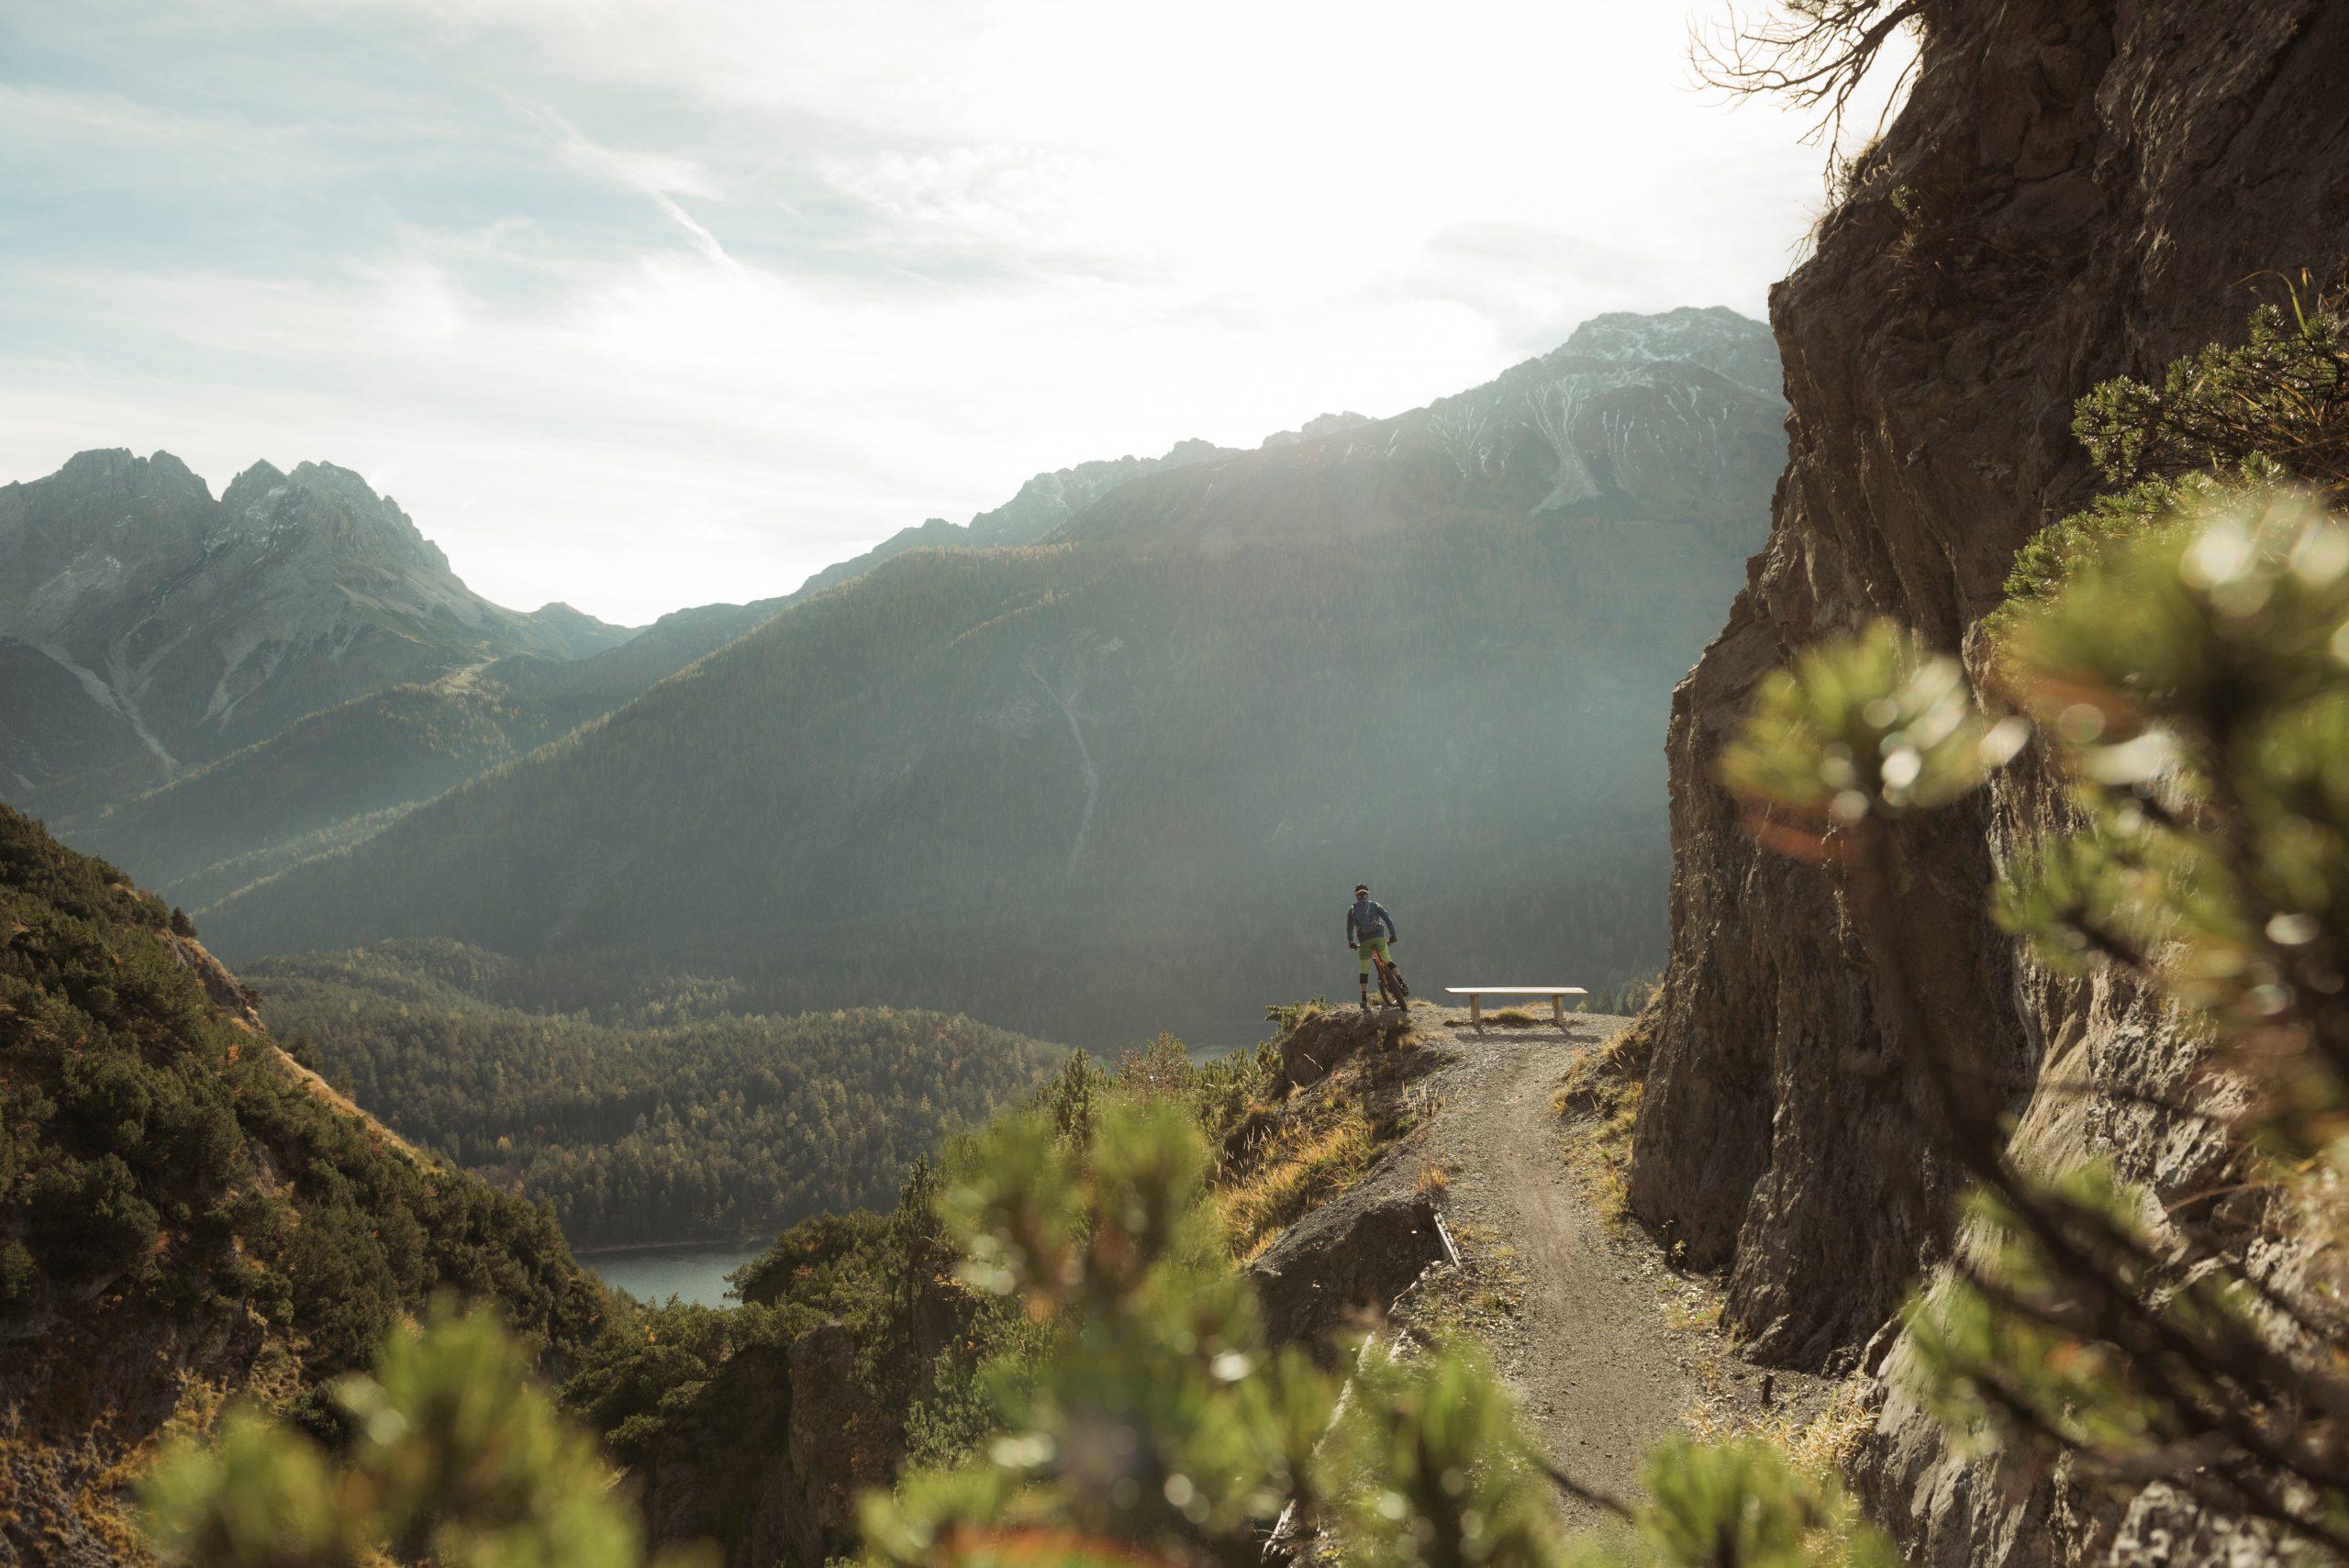 Für alle Bikefans locken Downhill-Fahrten und Biketouren.